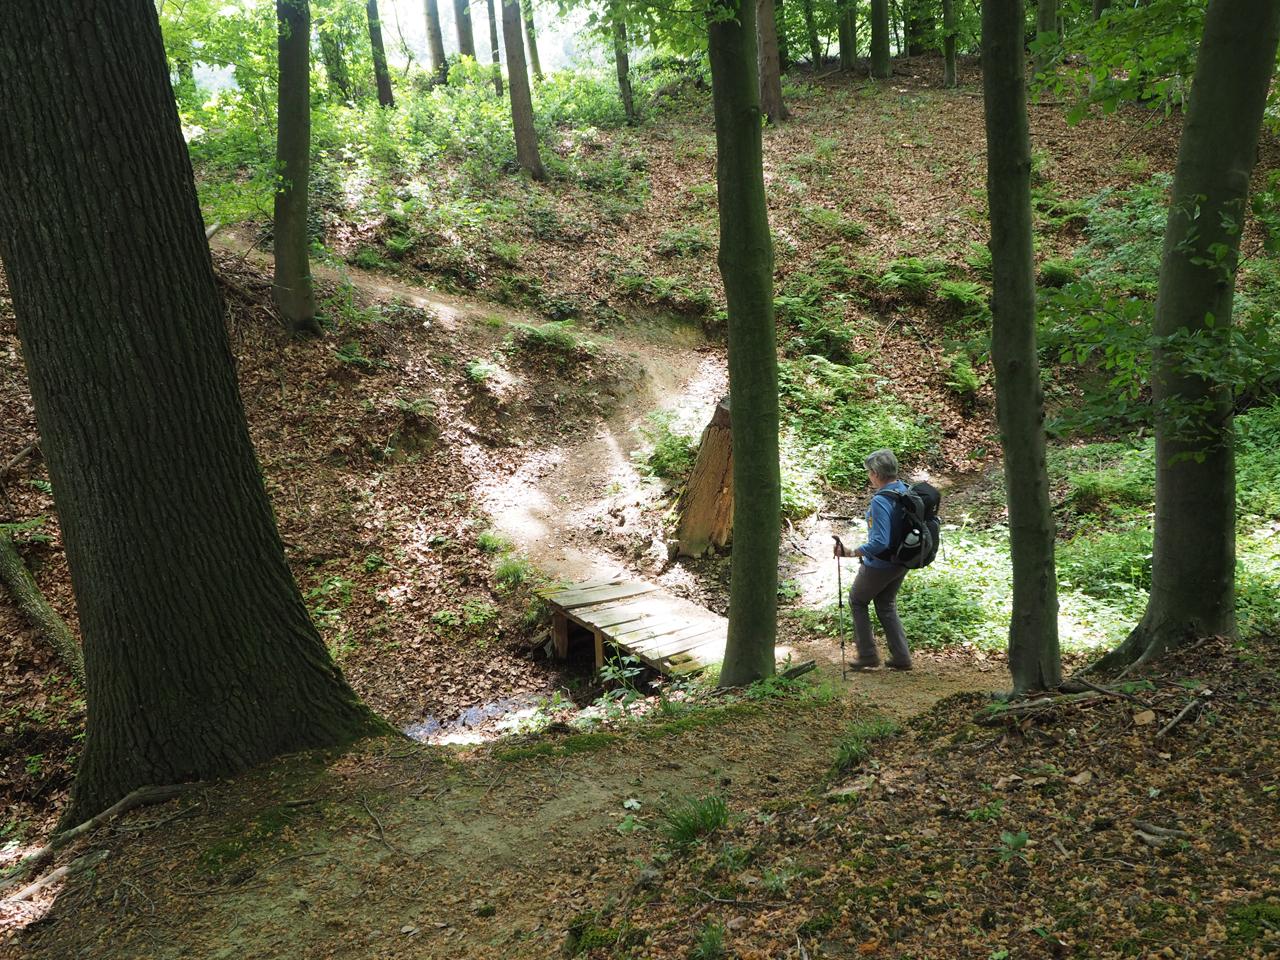 een kloof met waterloopje oversteken